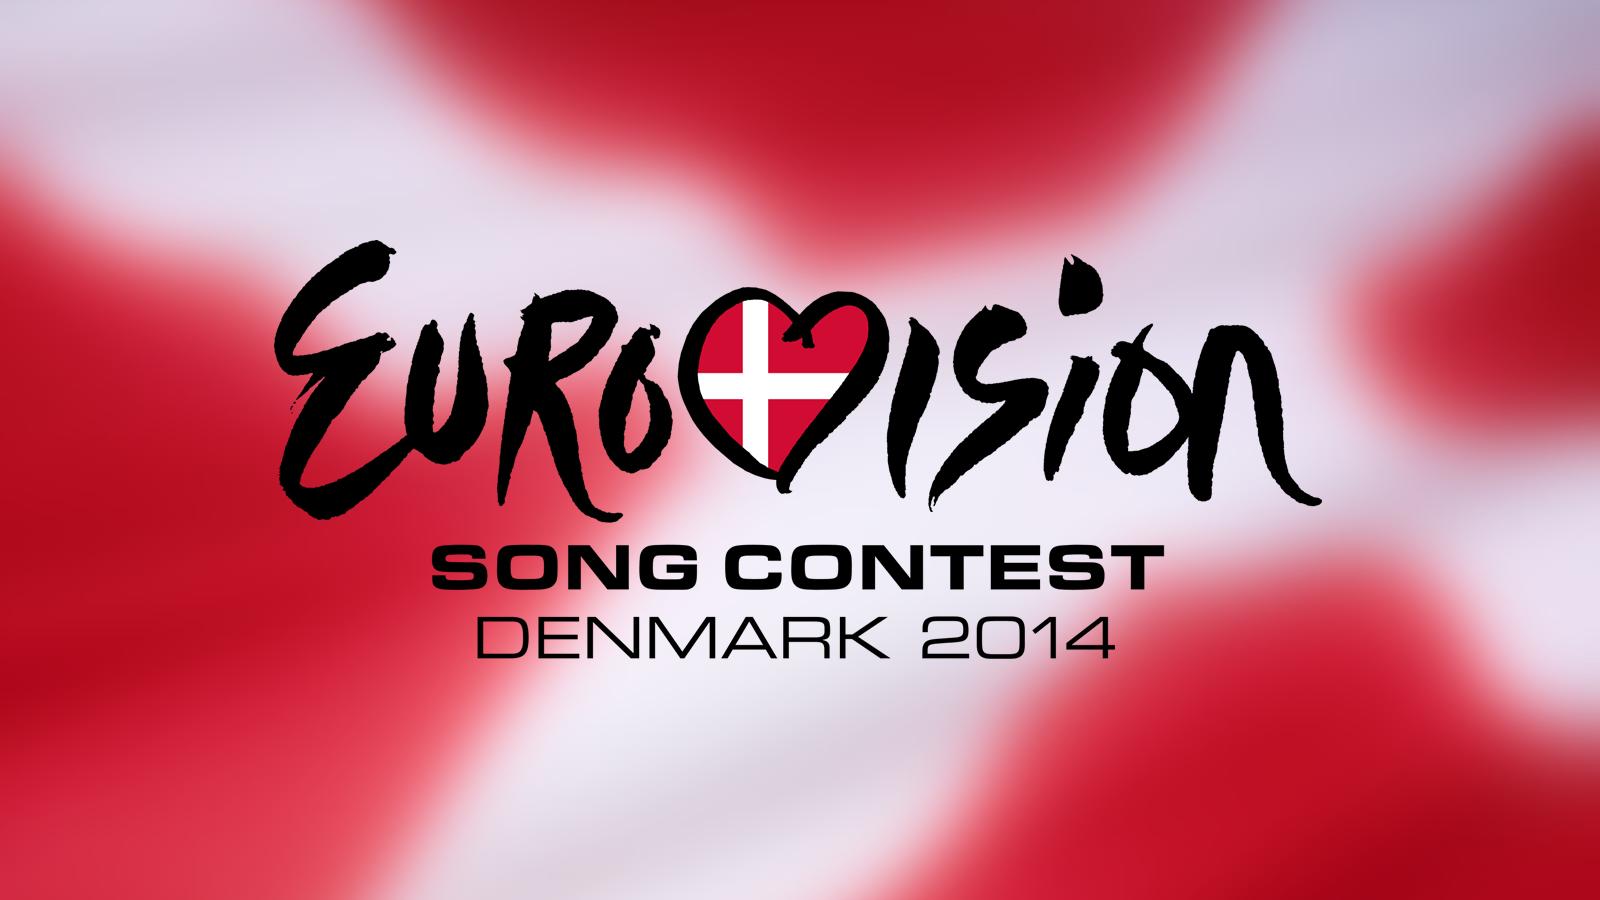 Câştigătorul concursului Eurovision de anul acesta va fi stabilit în această noapte, în cadrul finalei care va fi transmisă în direct de TVR